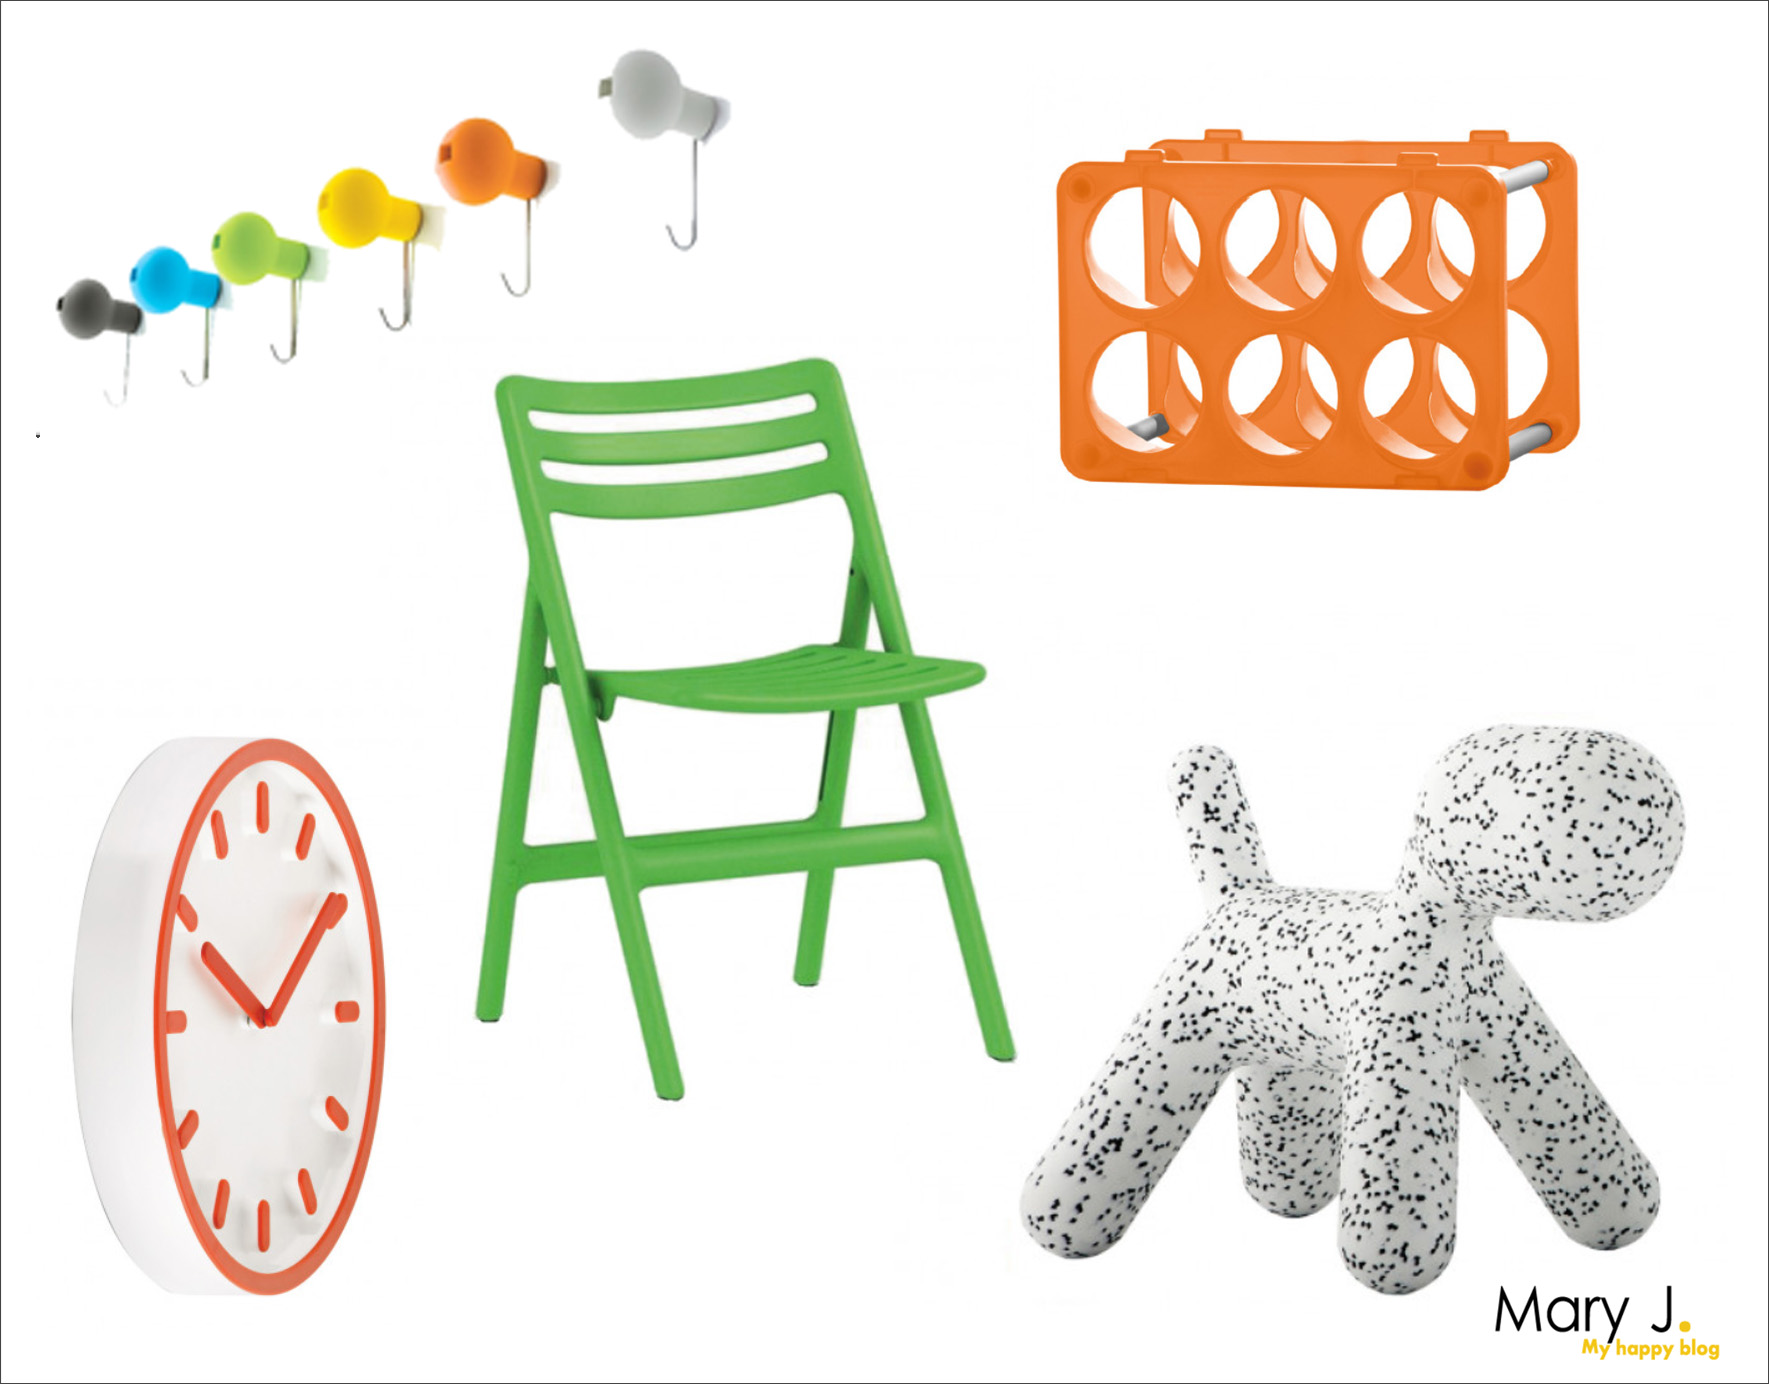 Shopinspiratie: Magis, design met een vrolijke touch